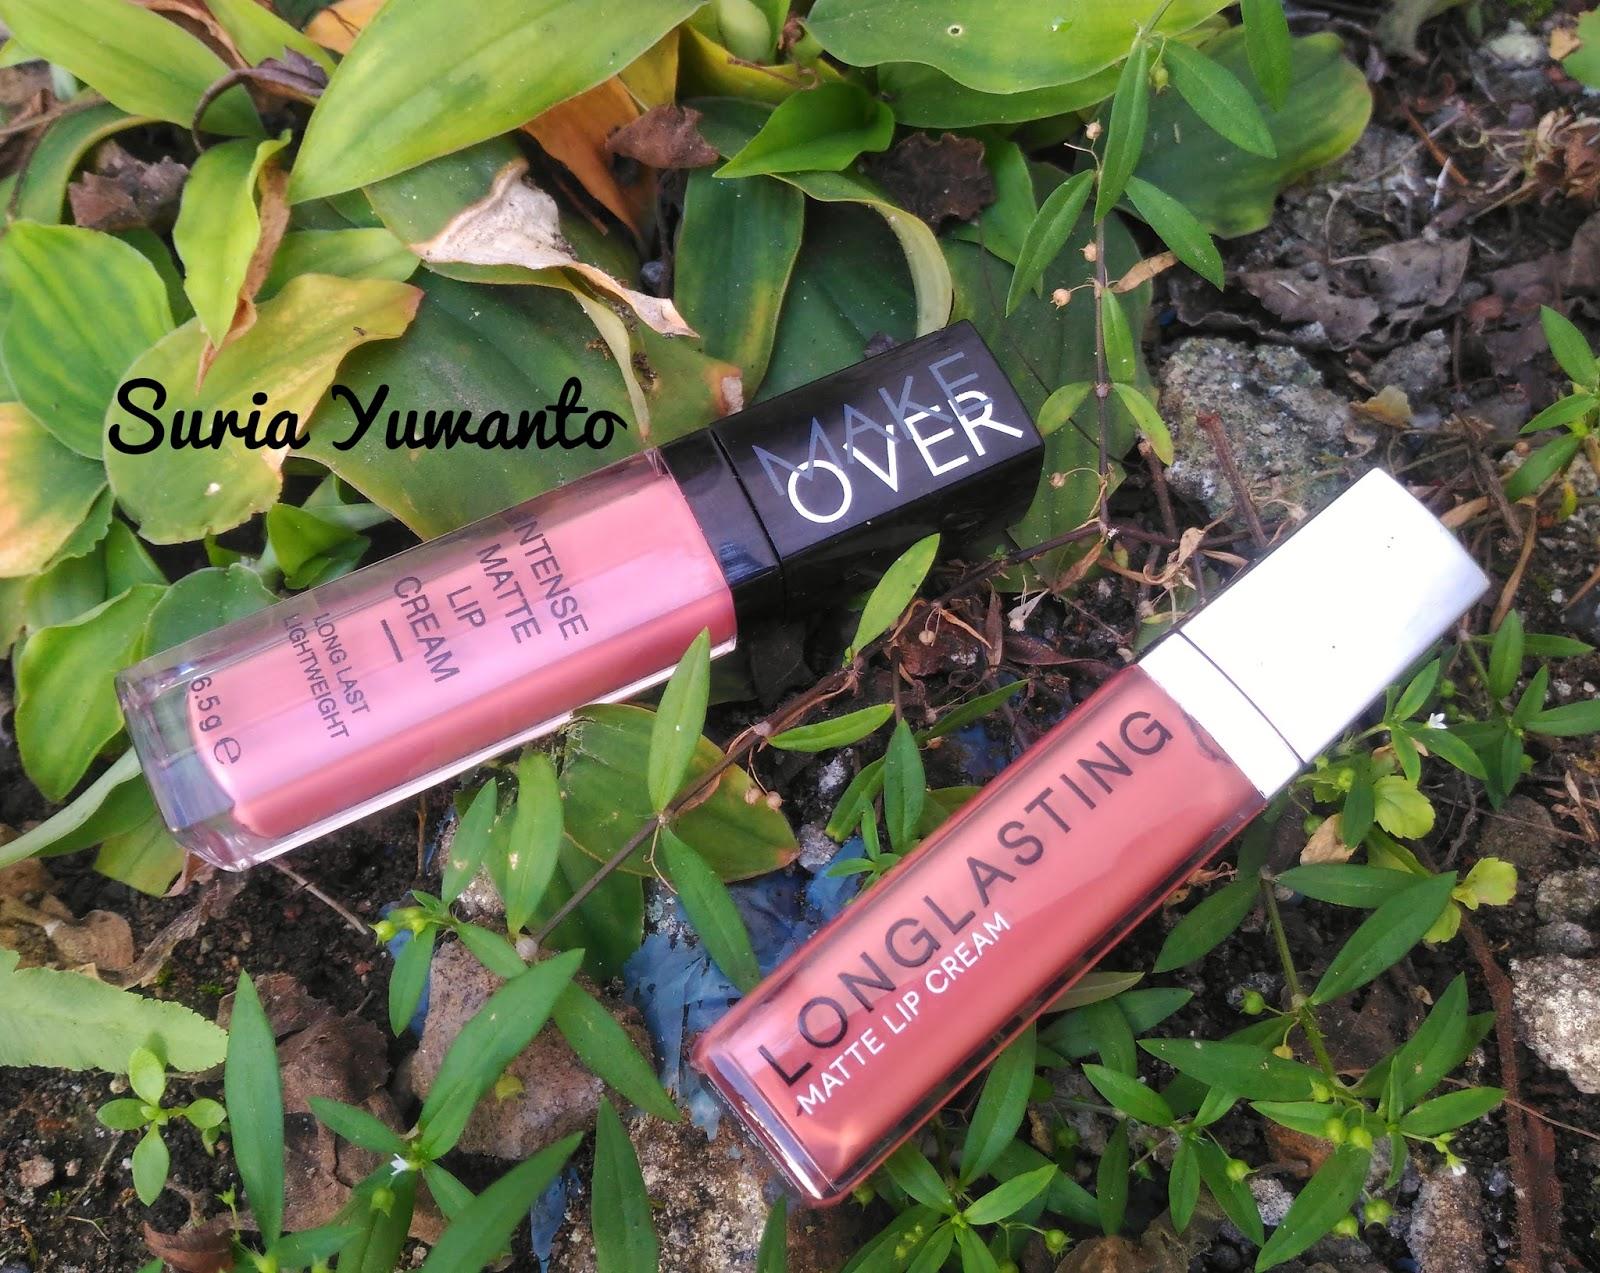 The Journey Make Over Vs Lt Pro Matte Lip Cream Lips Penampakan Lipstick Nya Seperti Di Bawah Yah Sekilas Warnanya Mirip Warna Sekebon But Ketika Aplikasi Kan Berbeza Alamalaysia 1